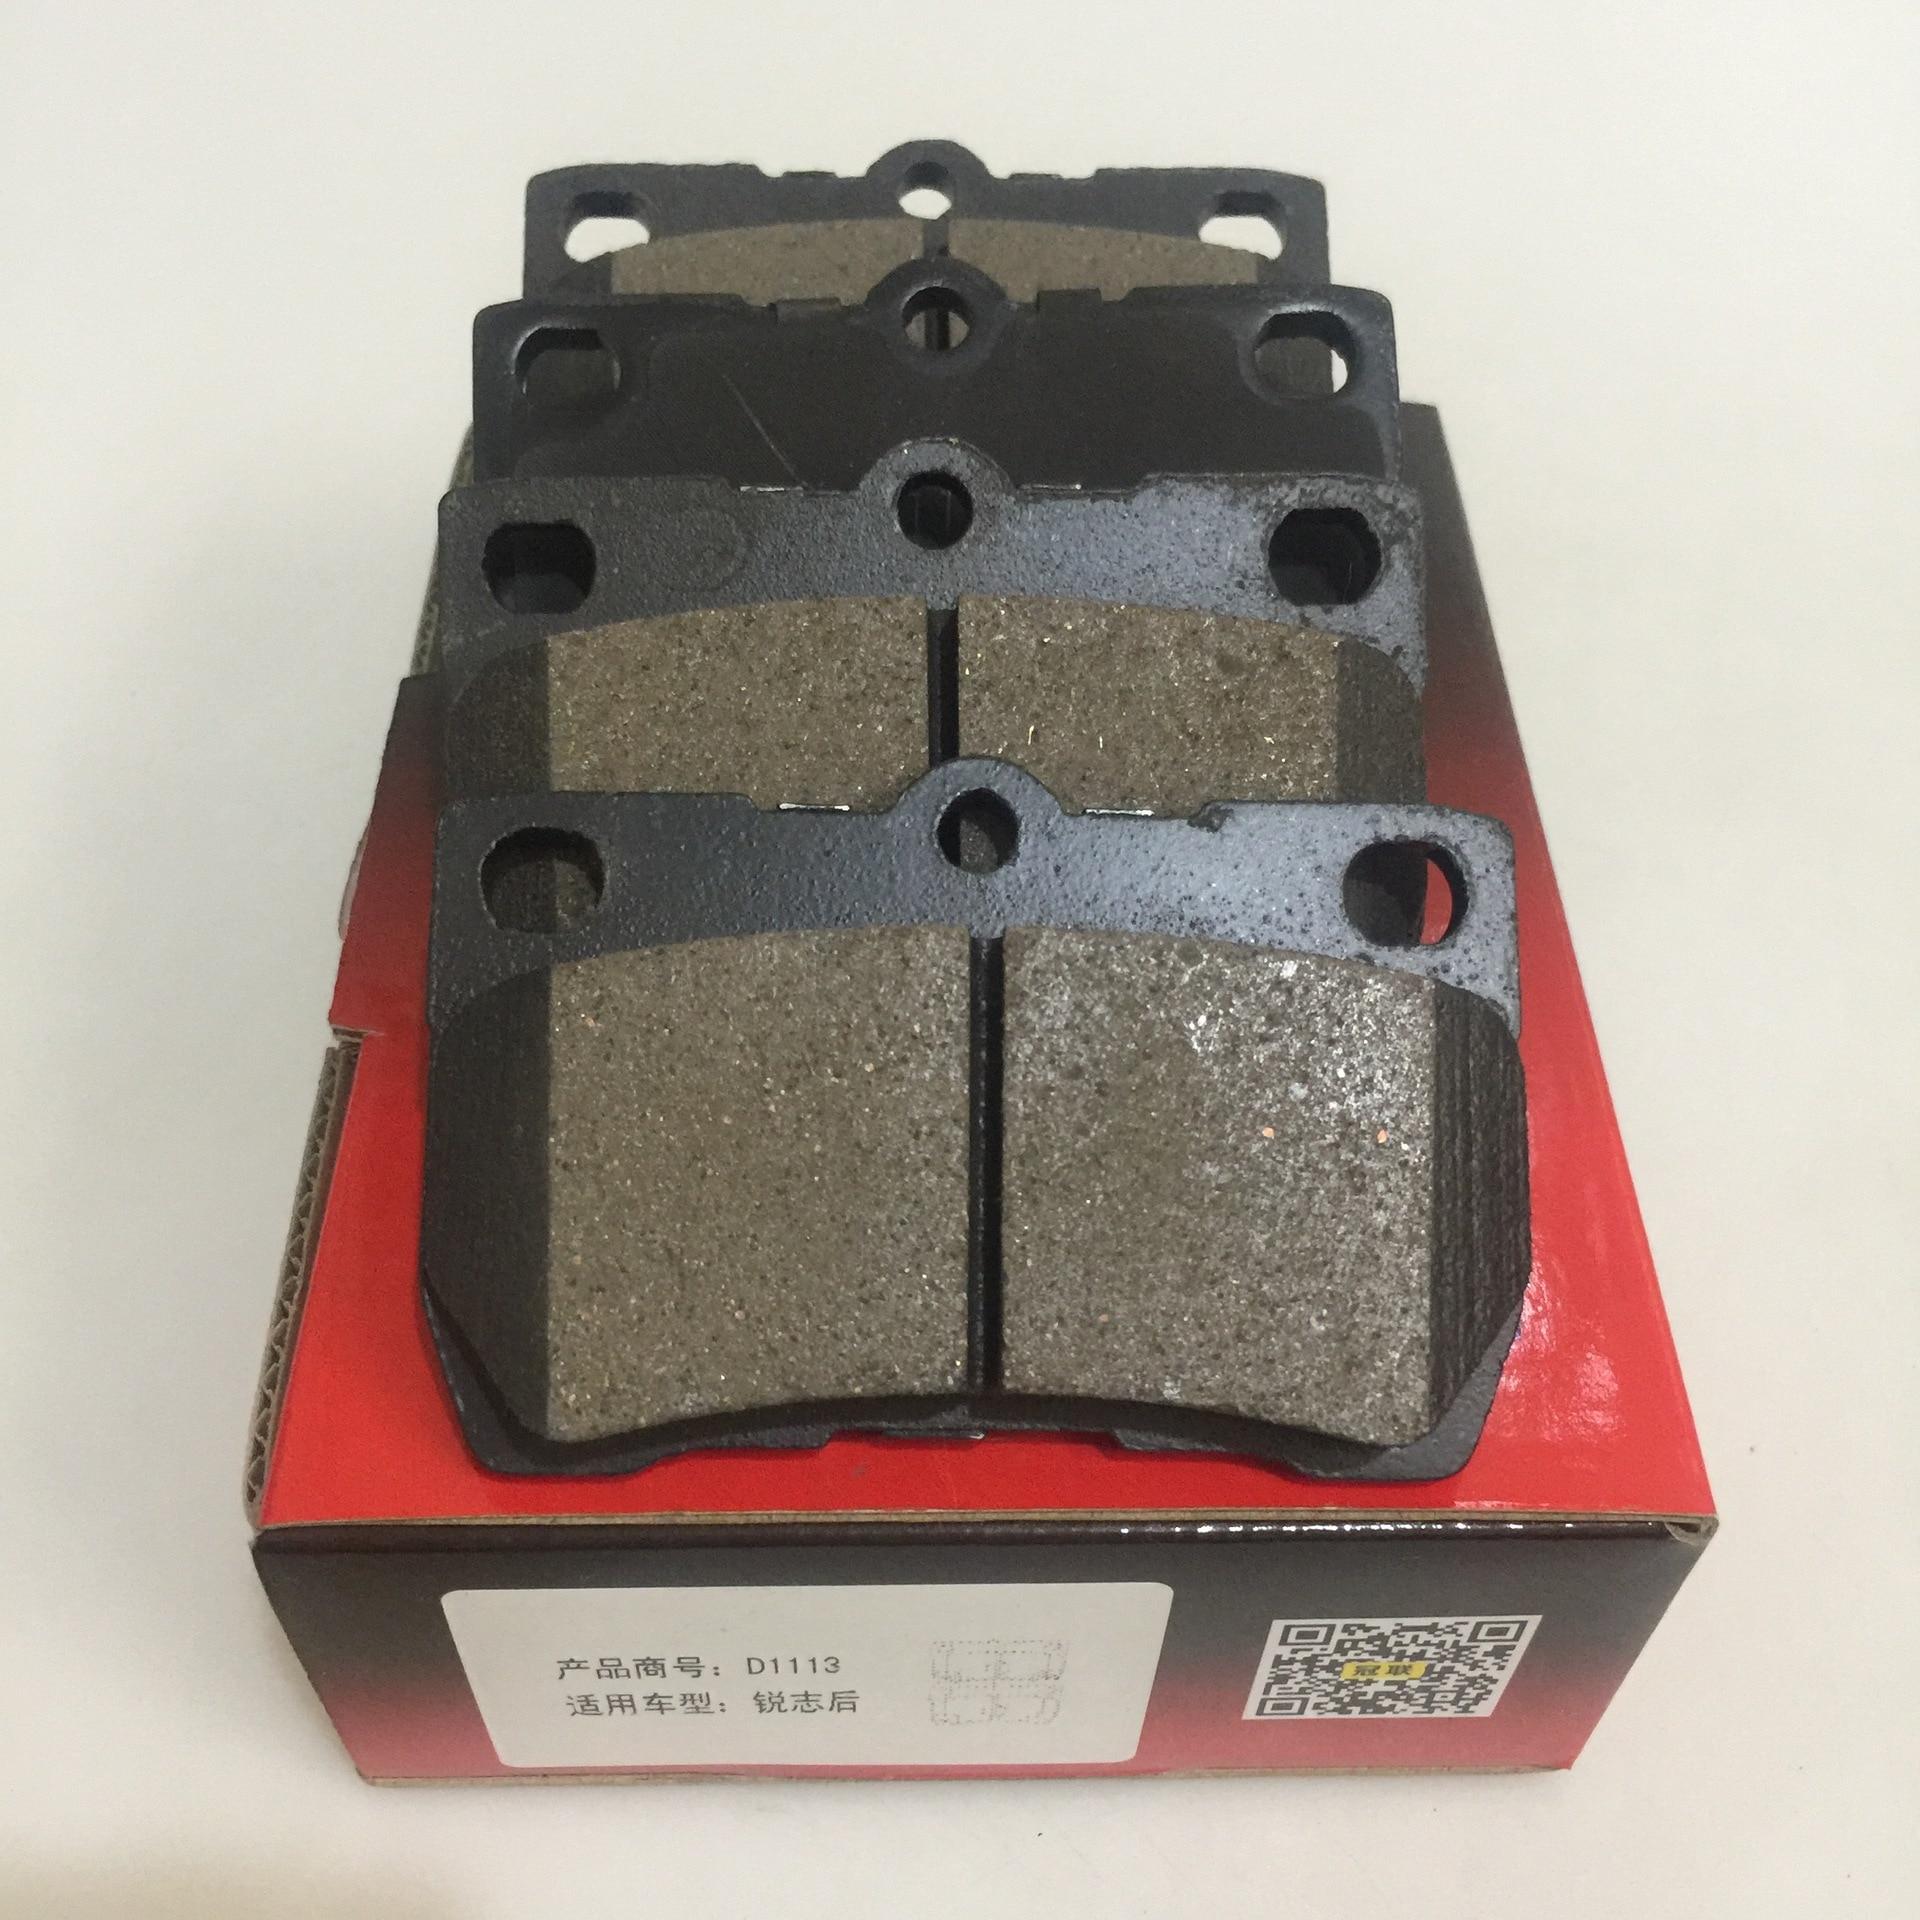 1 paire/kit jeu de plaquettes de frein arrière auto KIT de plaquettes de voiture frein à disque pour Toyota REIZ PRIUS couronne Lexus IS GS300 partie moteur 0446622190